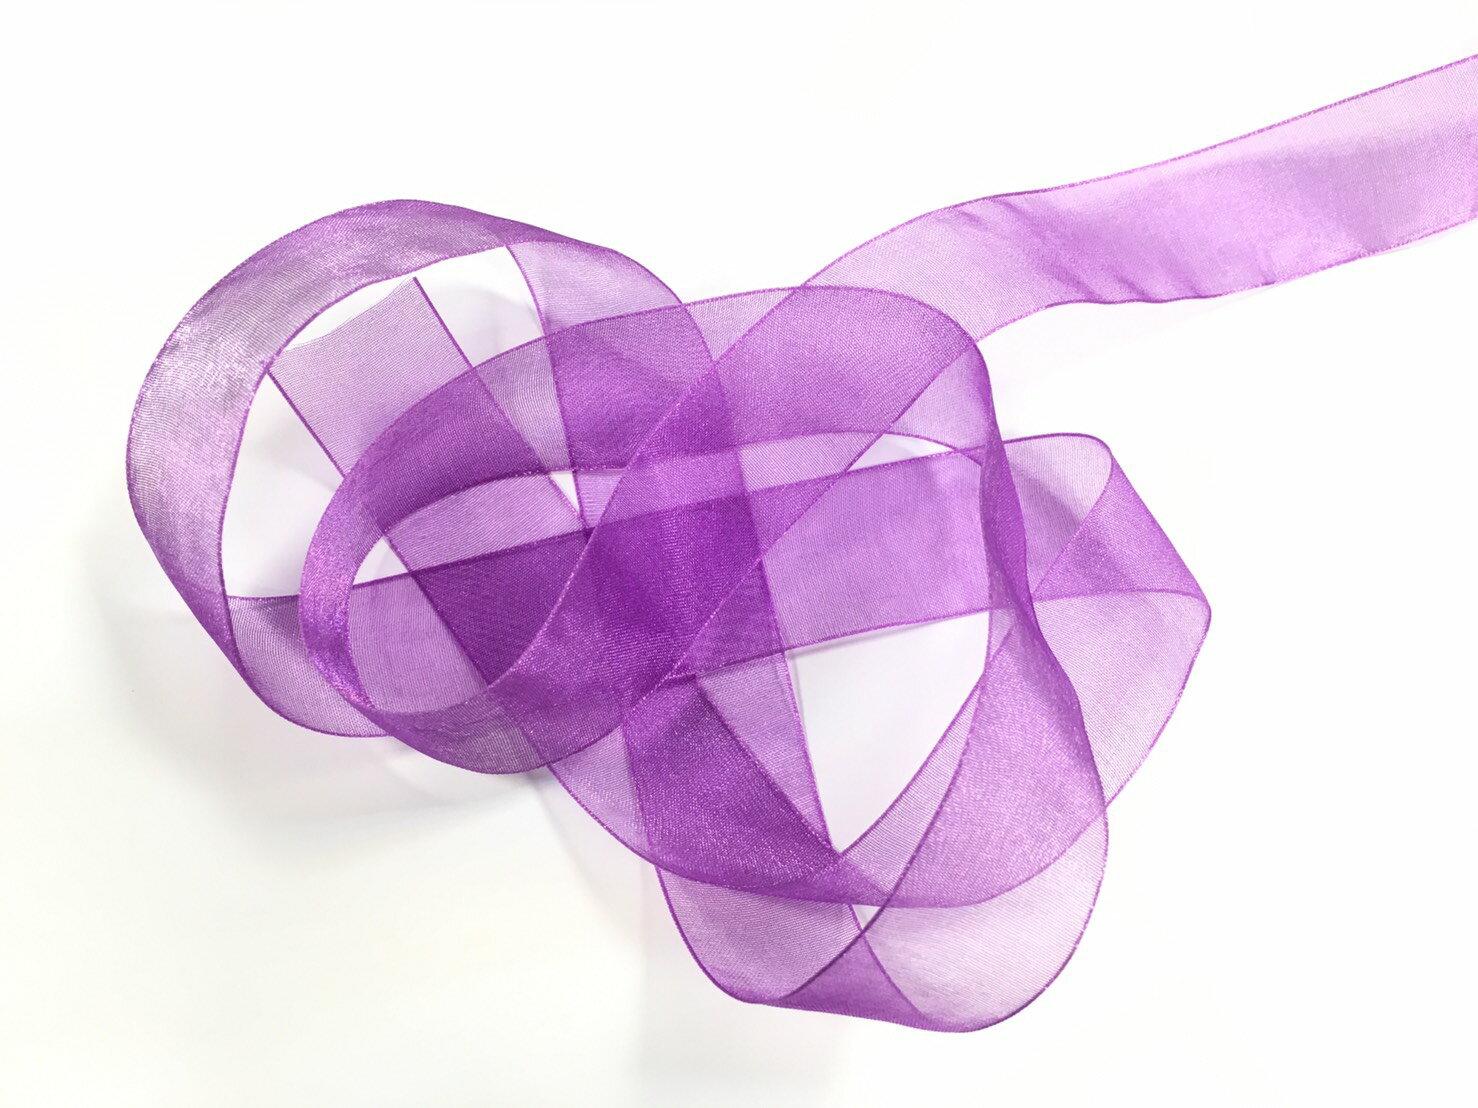 【Crystal Rose緞帶專賣店】光澤網紗緞帶 3碼裝 (10色) 1